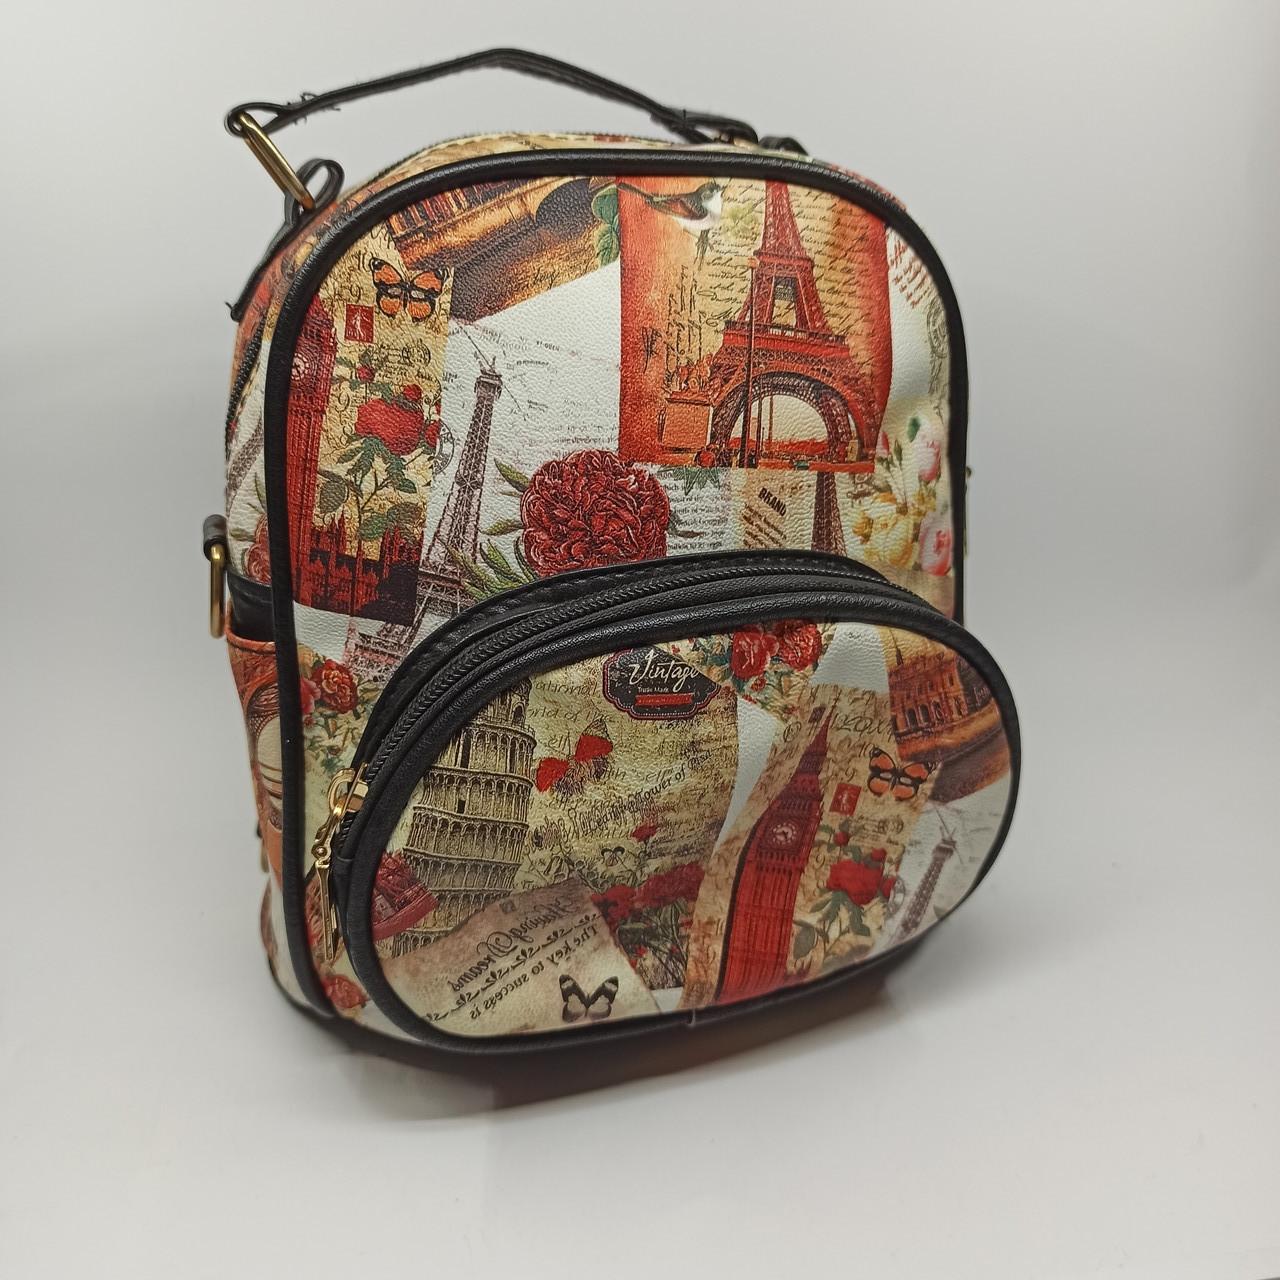 Жіночий рюкзак / Женский рюкзак R0403